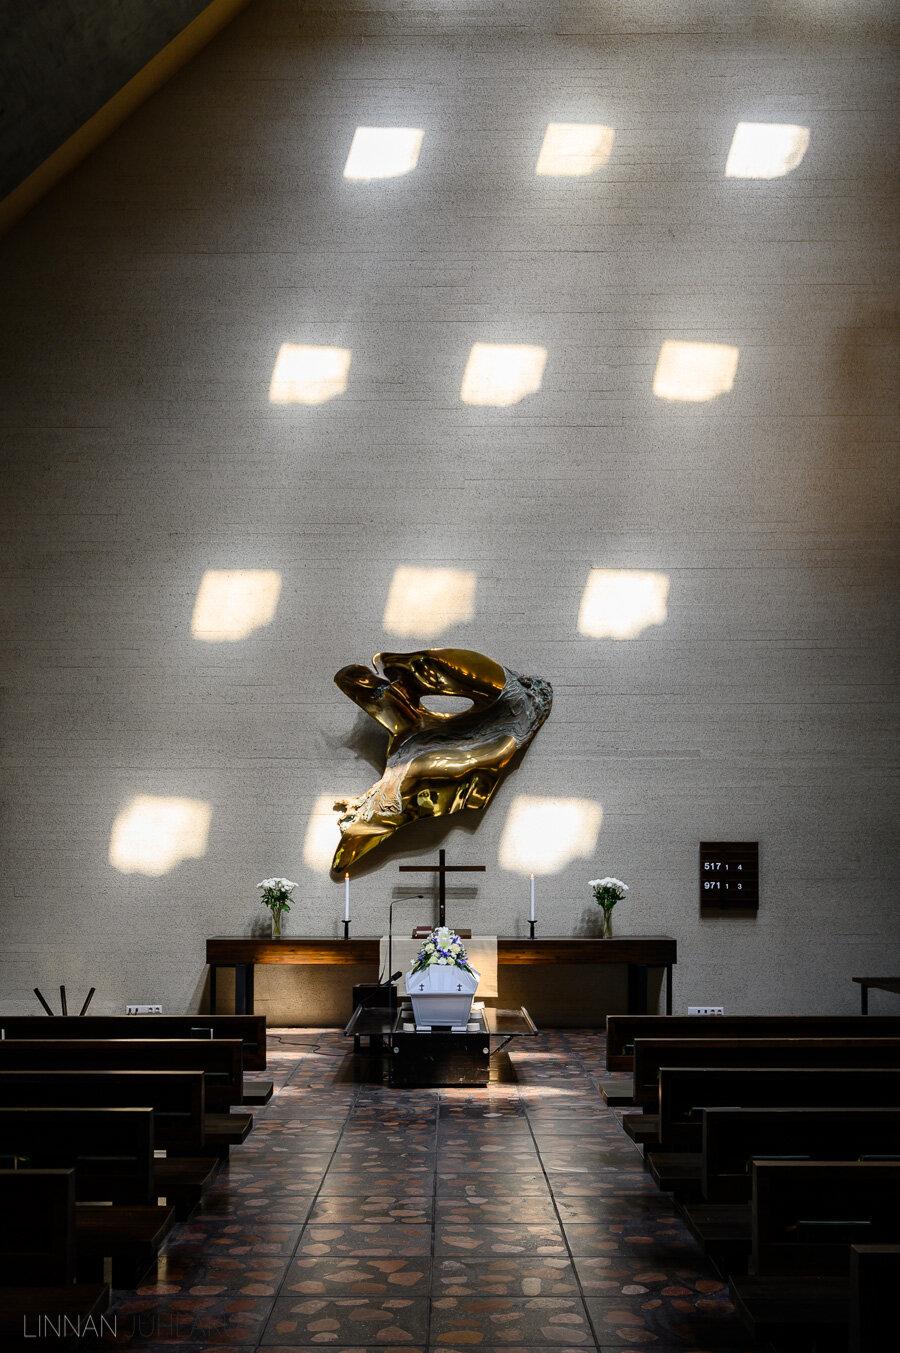 hautajaiset-intiö-maikkulankartano-2.jpg